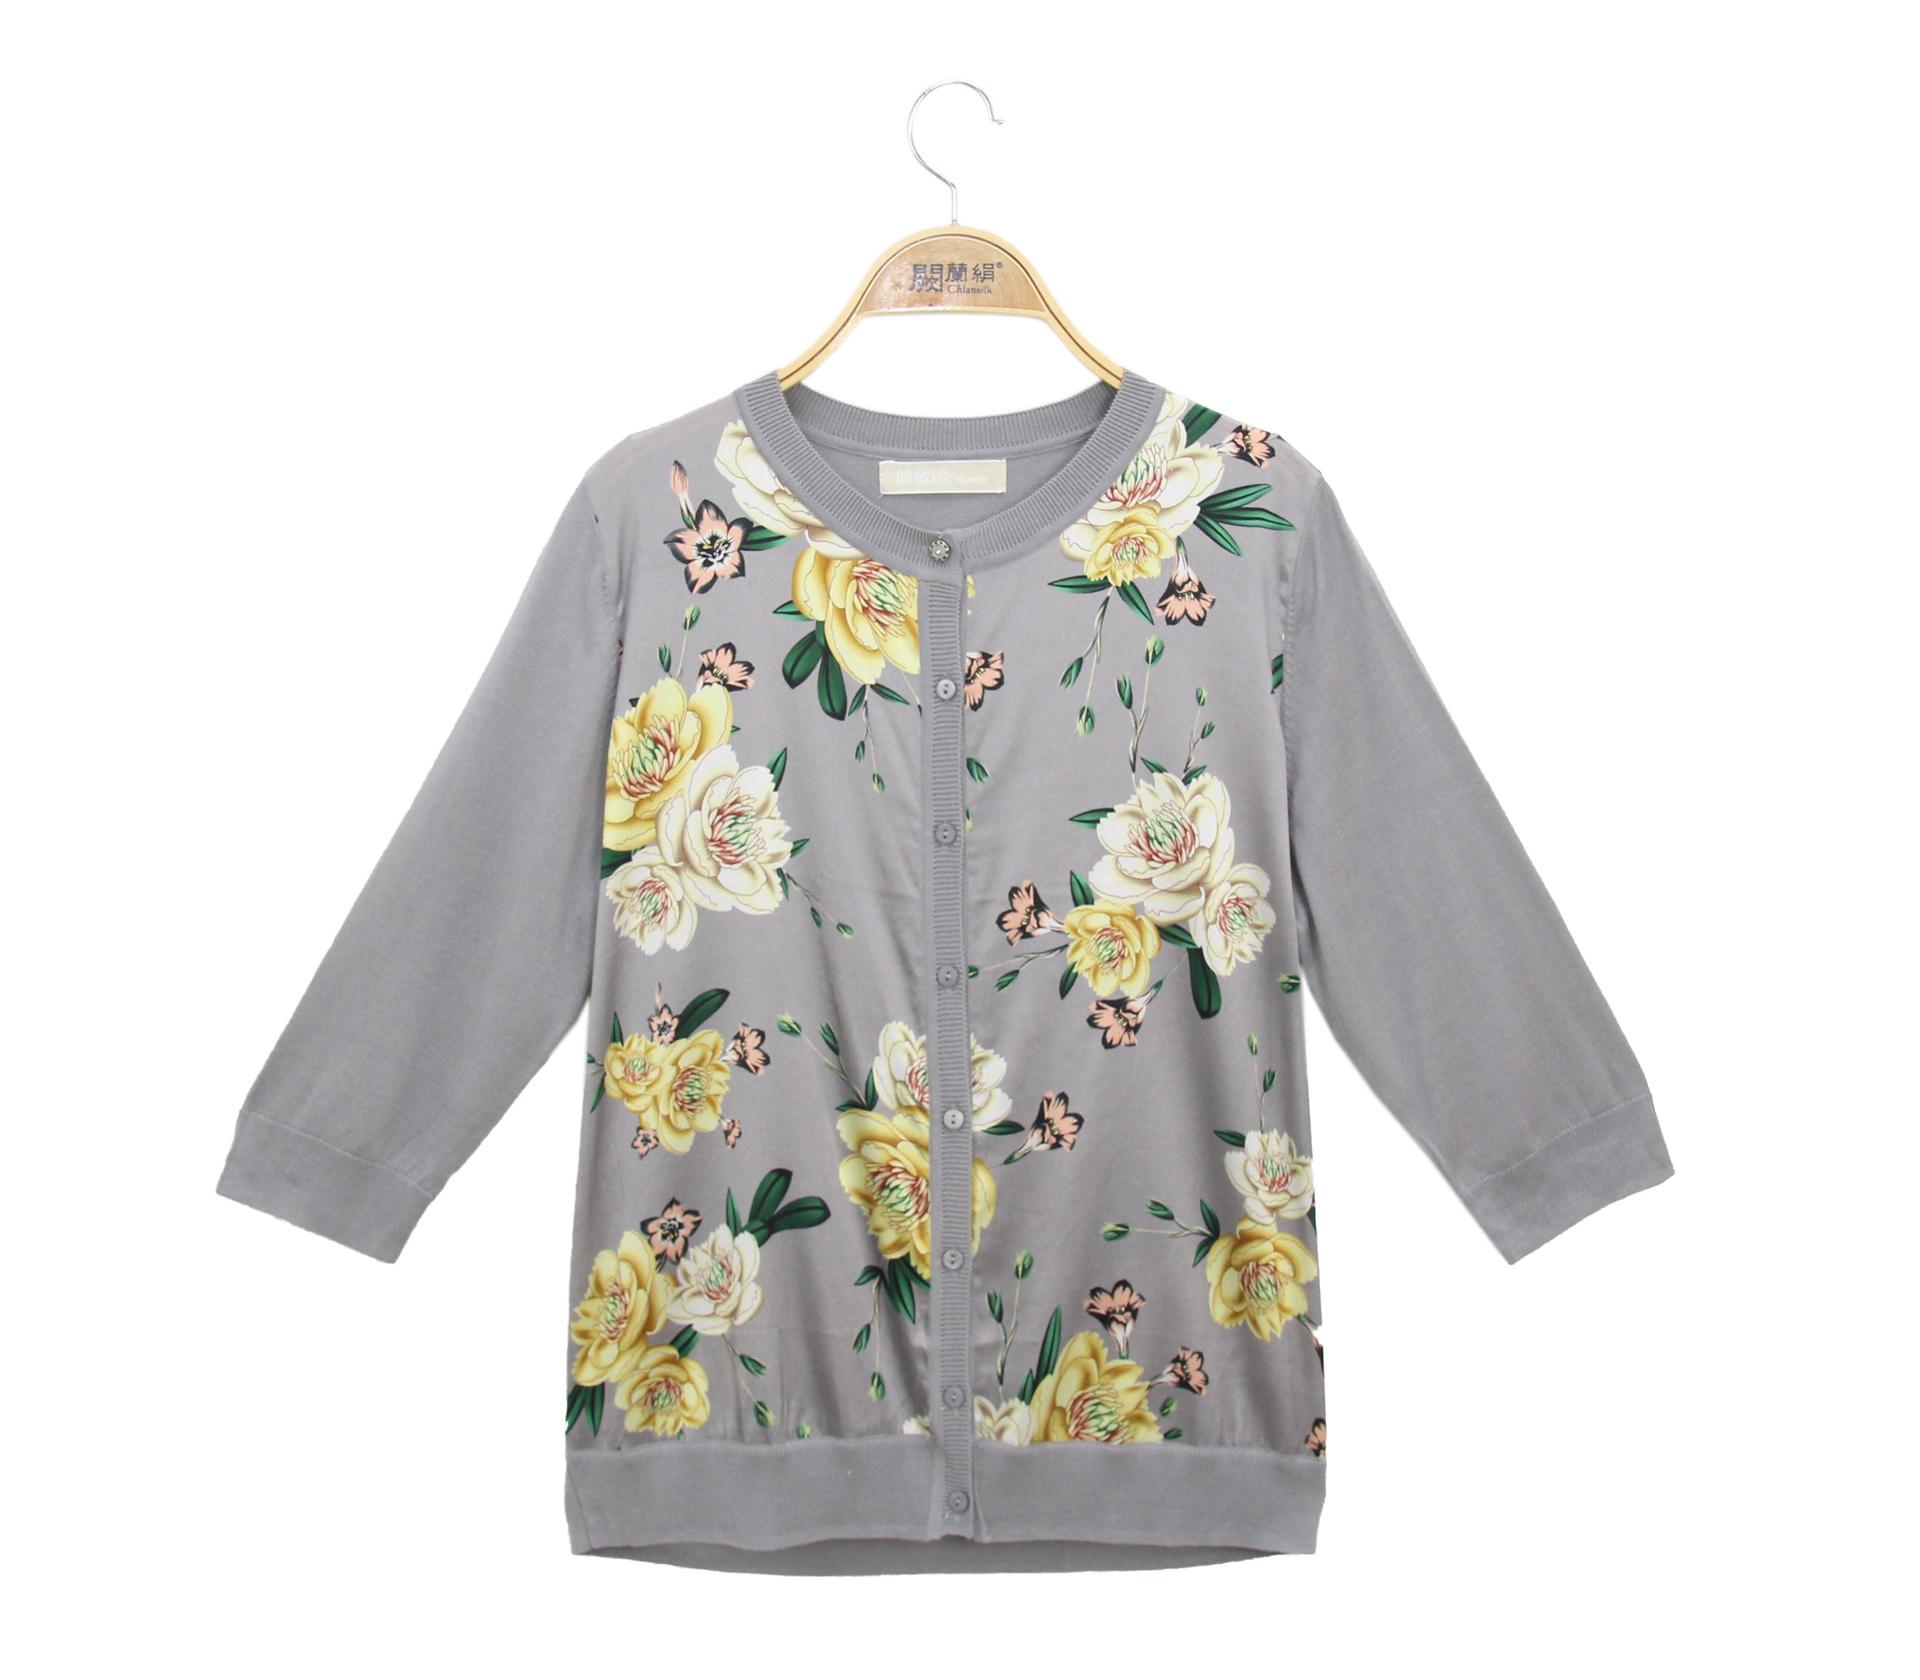 闕蘭絹拼接滑布鎖鏈花朵蠶絲針織外套 - 灰色 - 6631